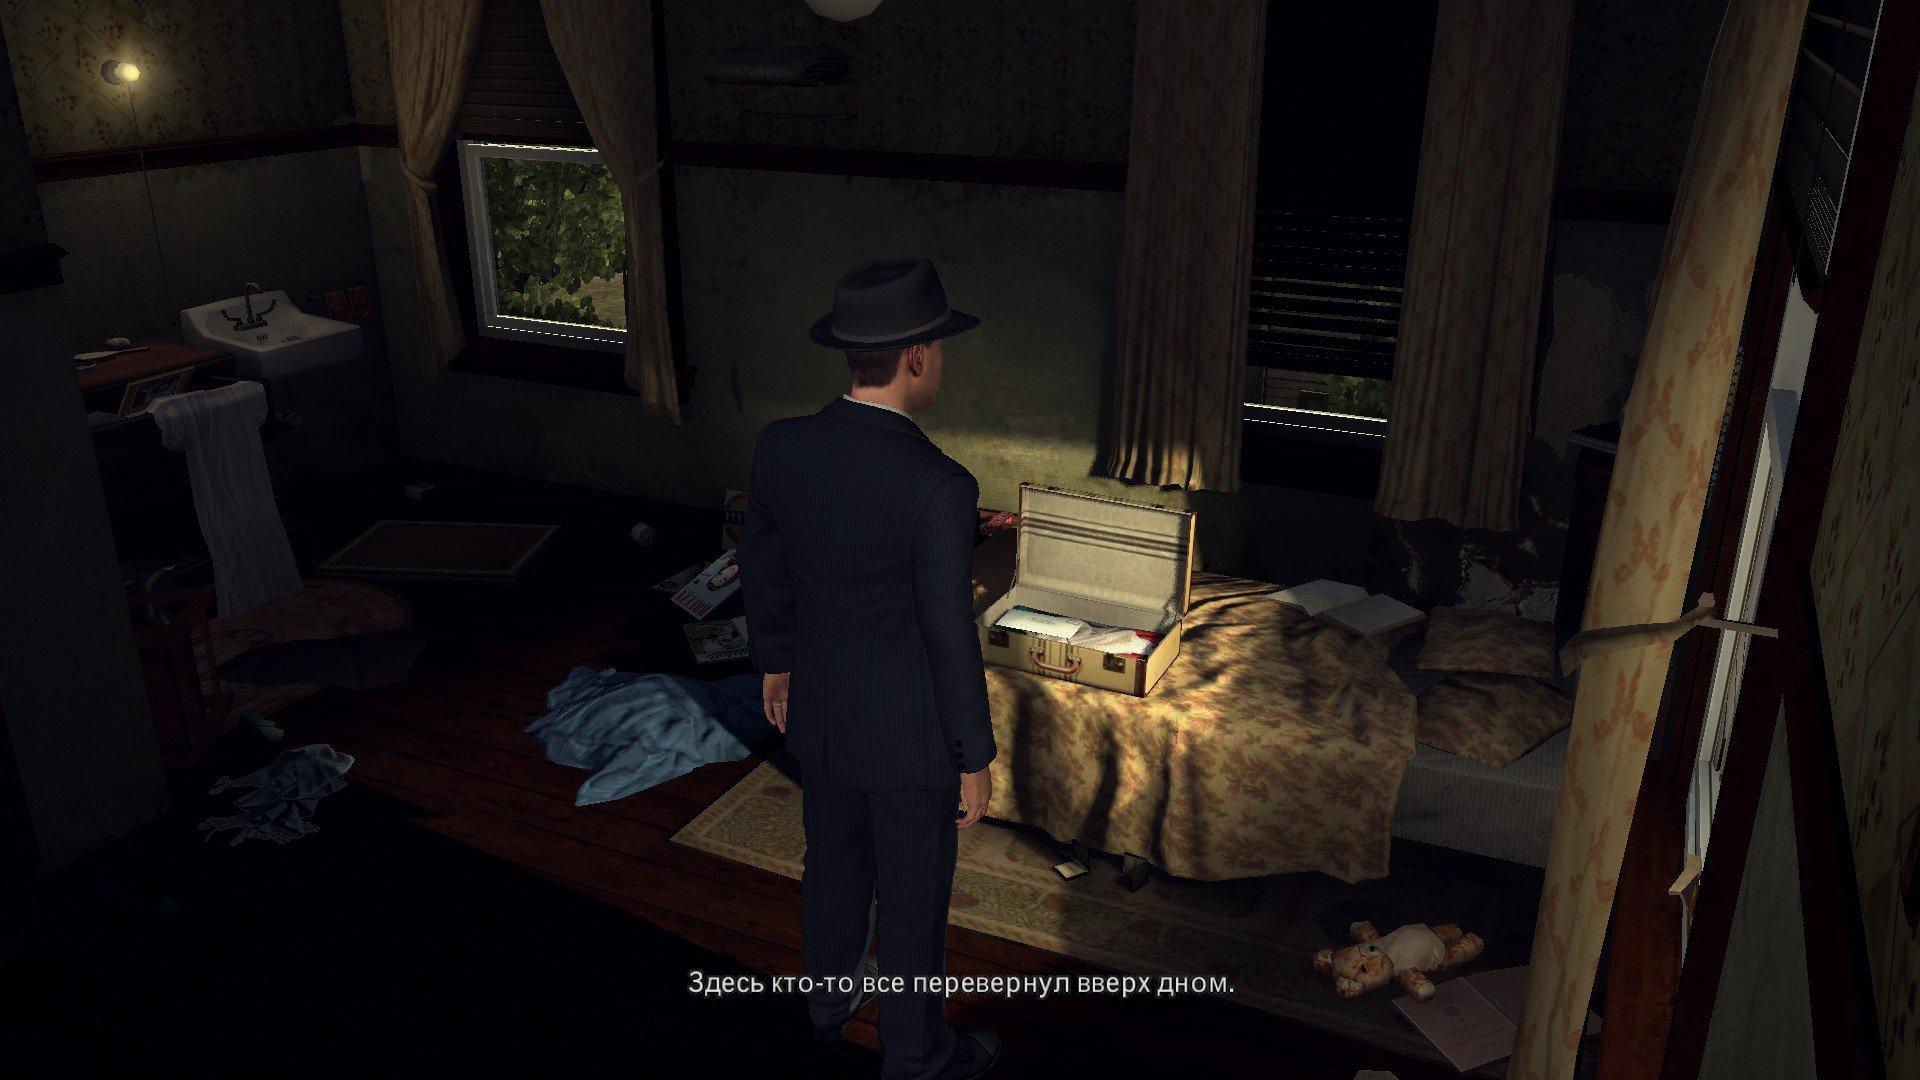 Пост-прохождение L.A. Noire Часть 10 +КОНКУРС ^_^ - Изображение 44